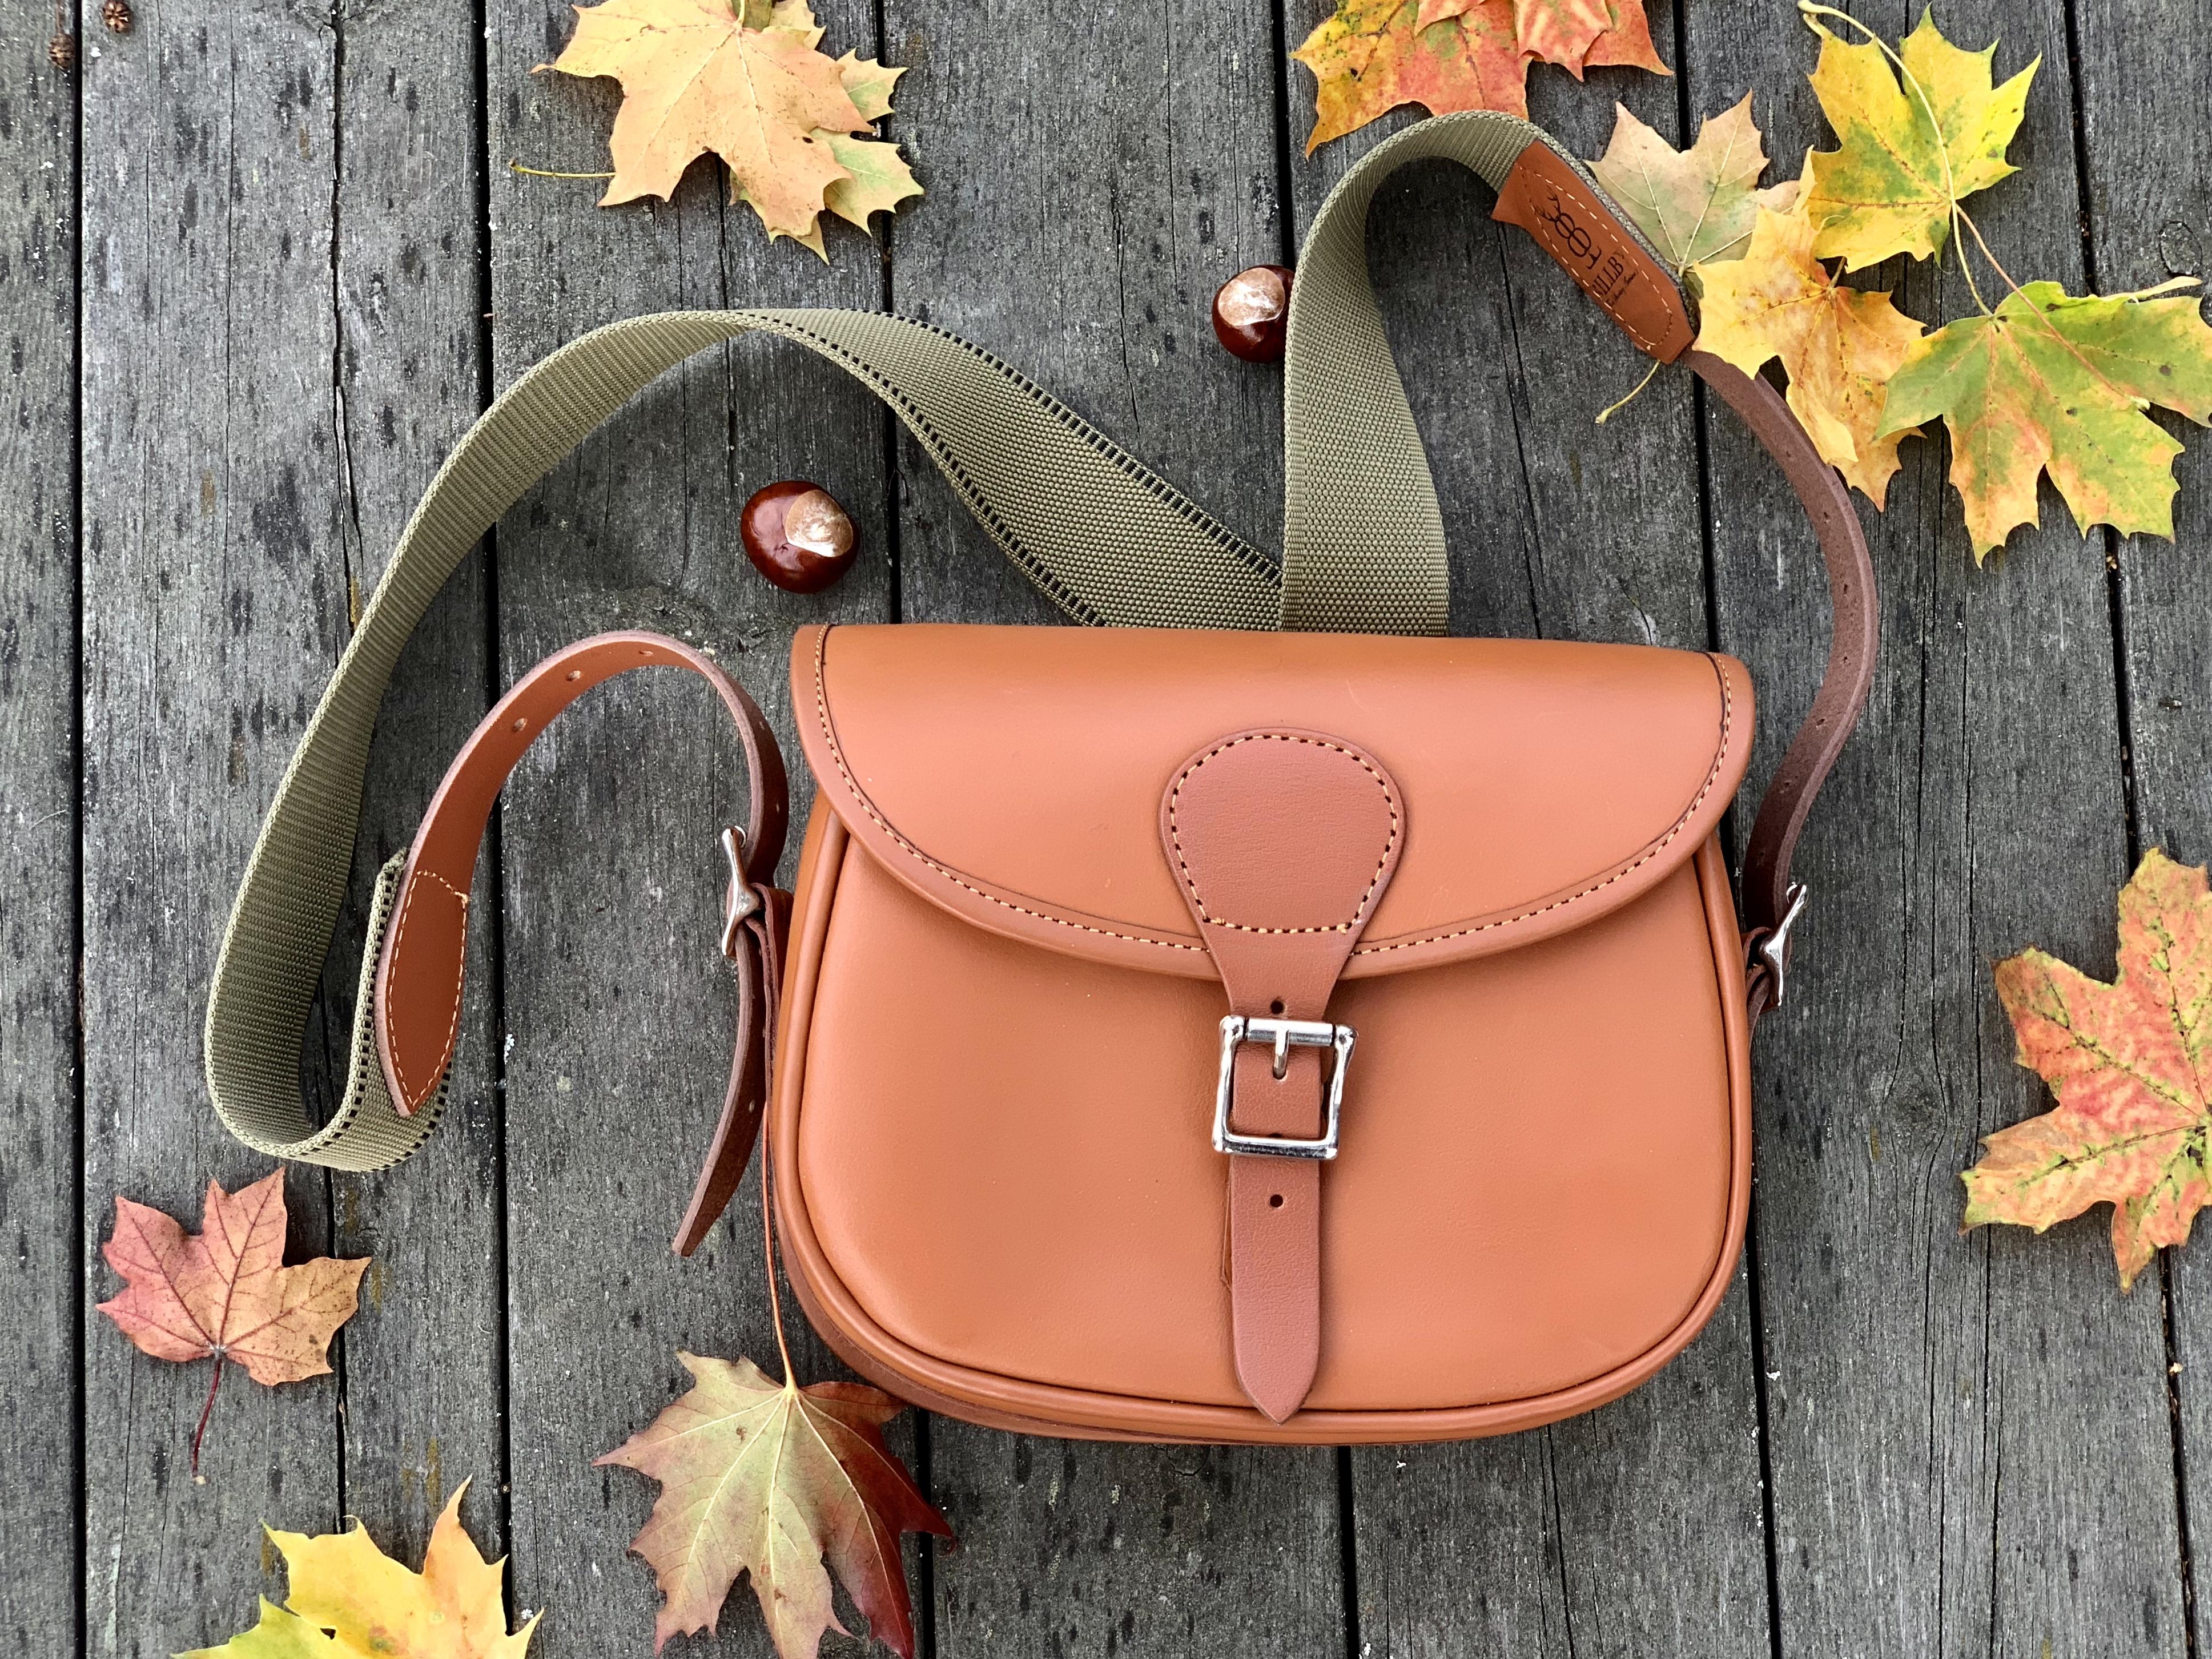 Handsydda väskor i kvalitetsläder